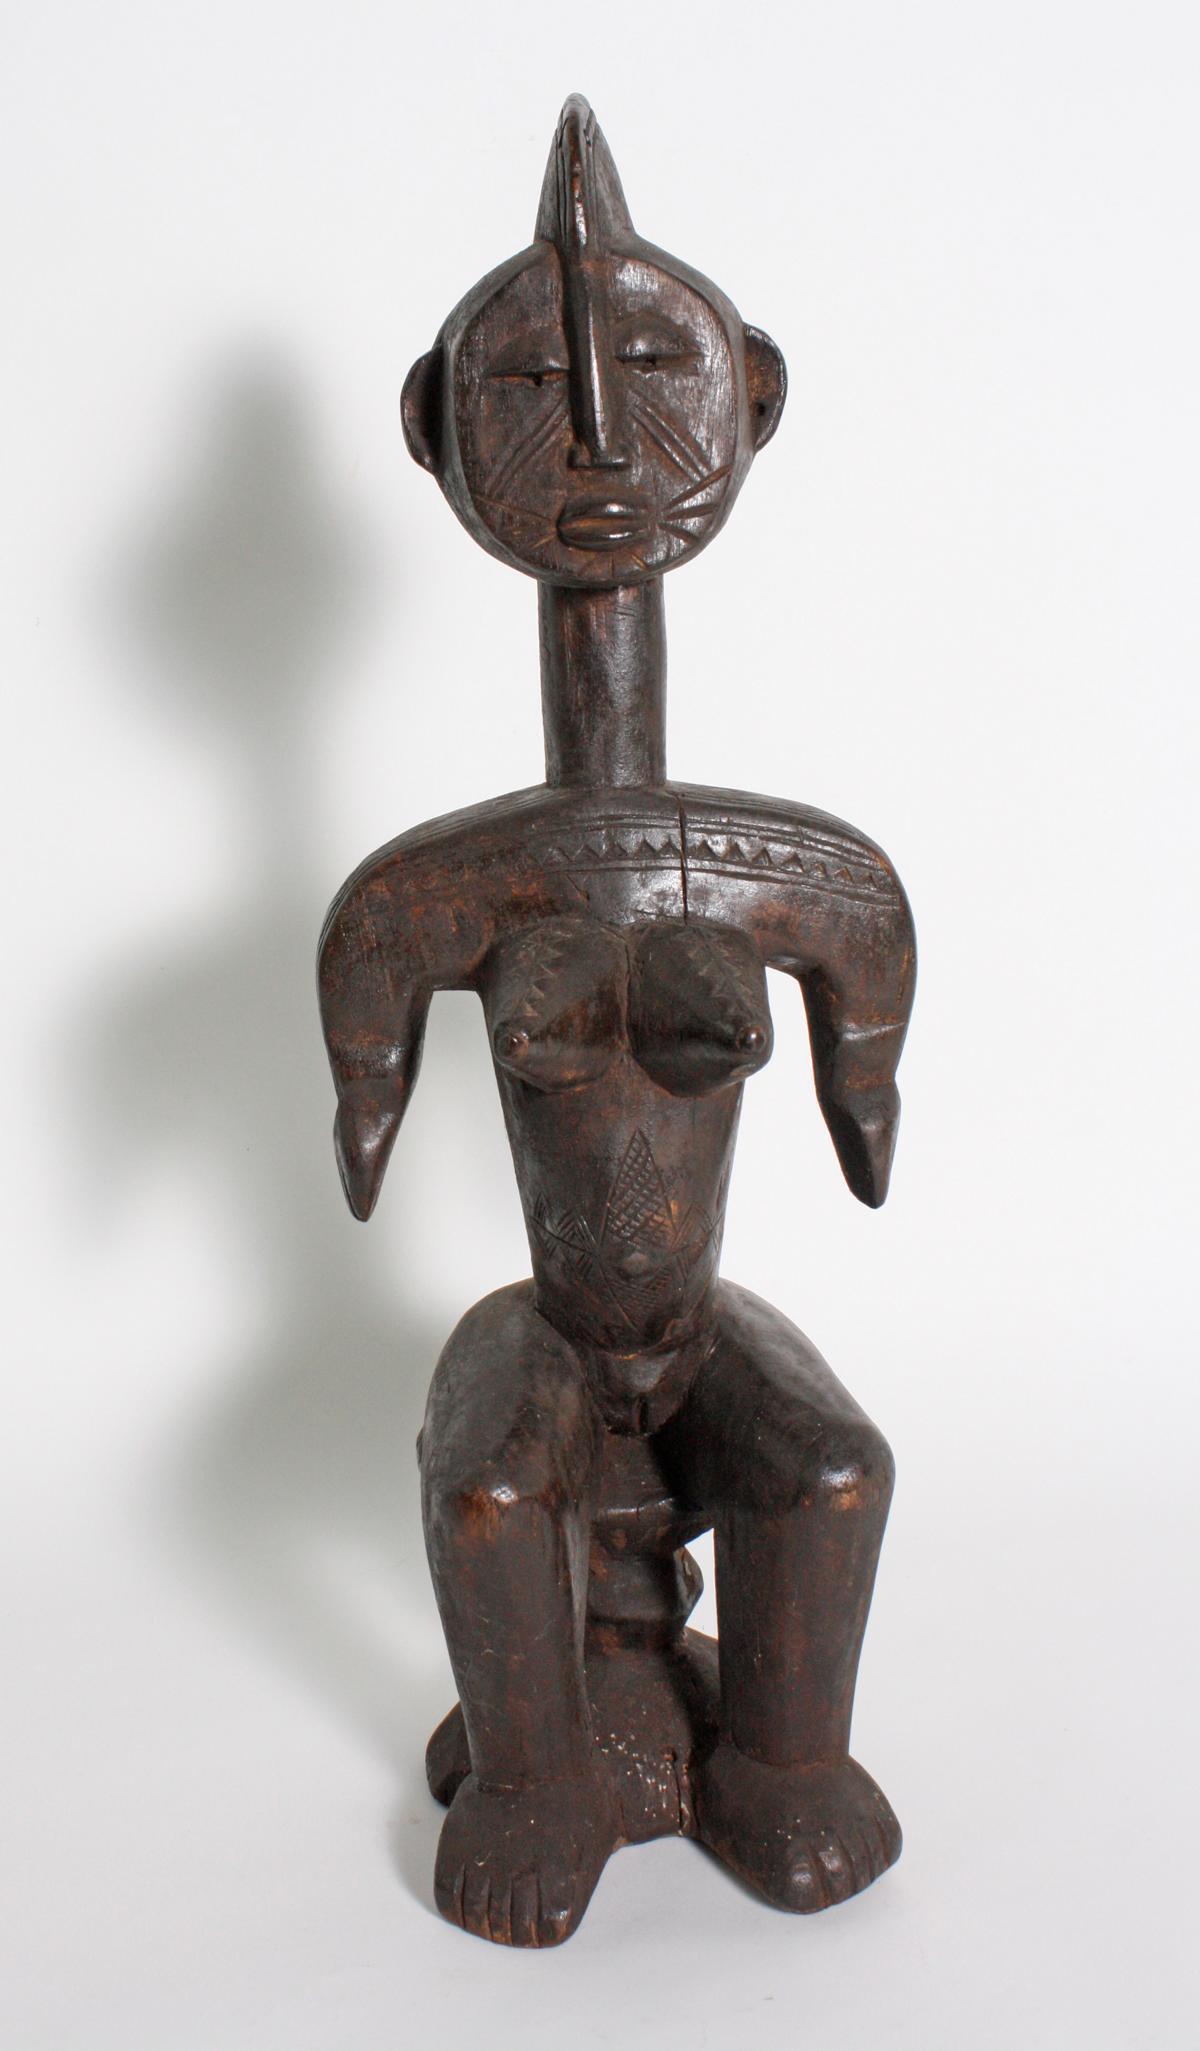 Sitzende weibliche Figur, Bambara, Mali, 1. Hälfte 20. Jh.